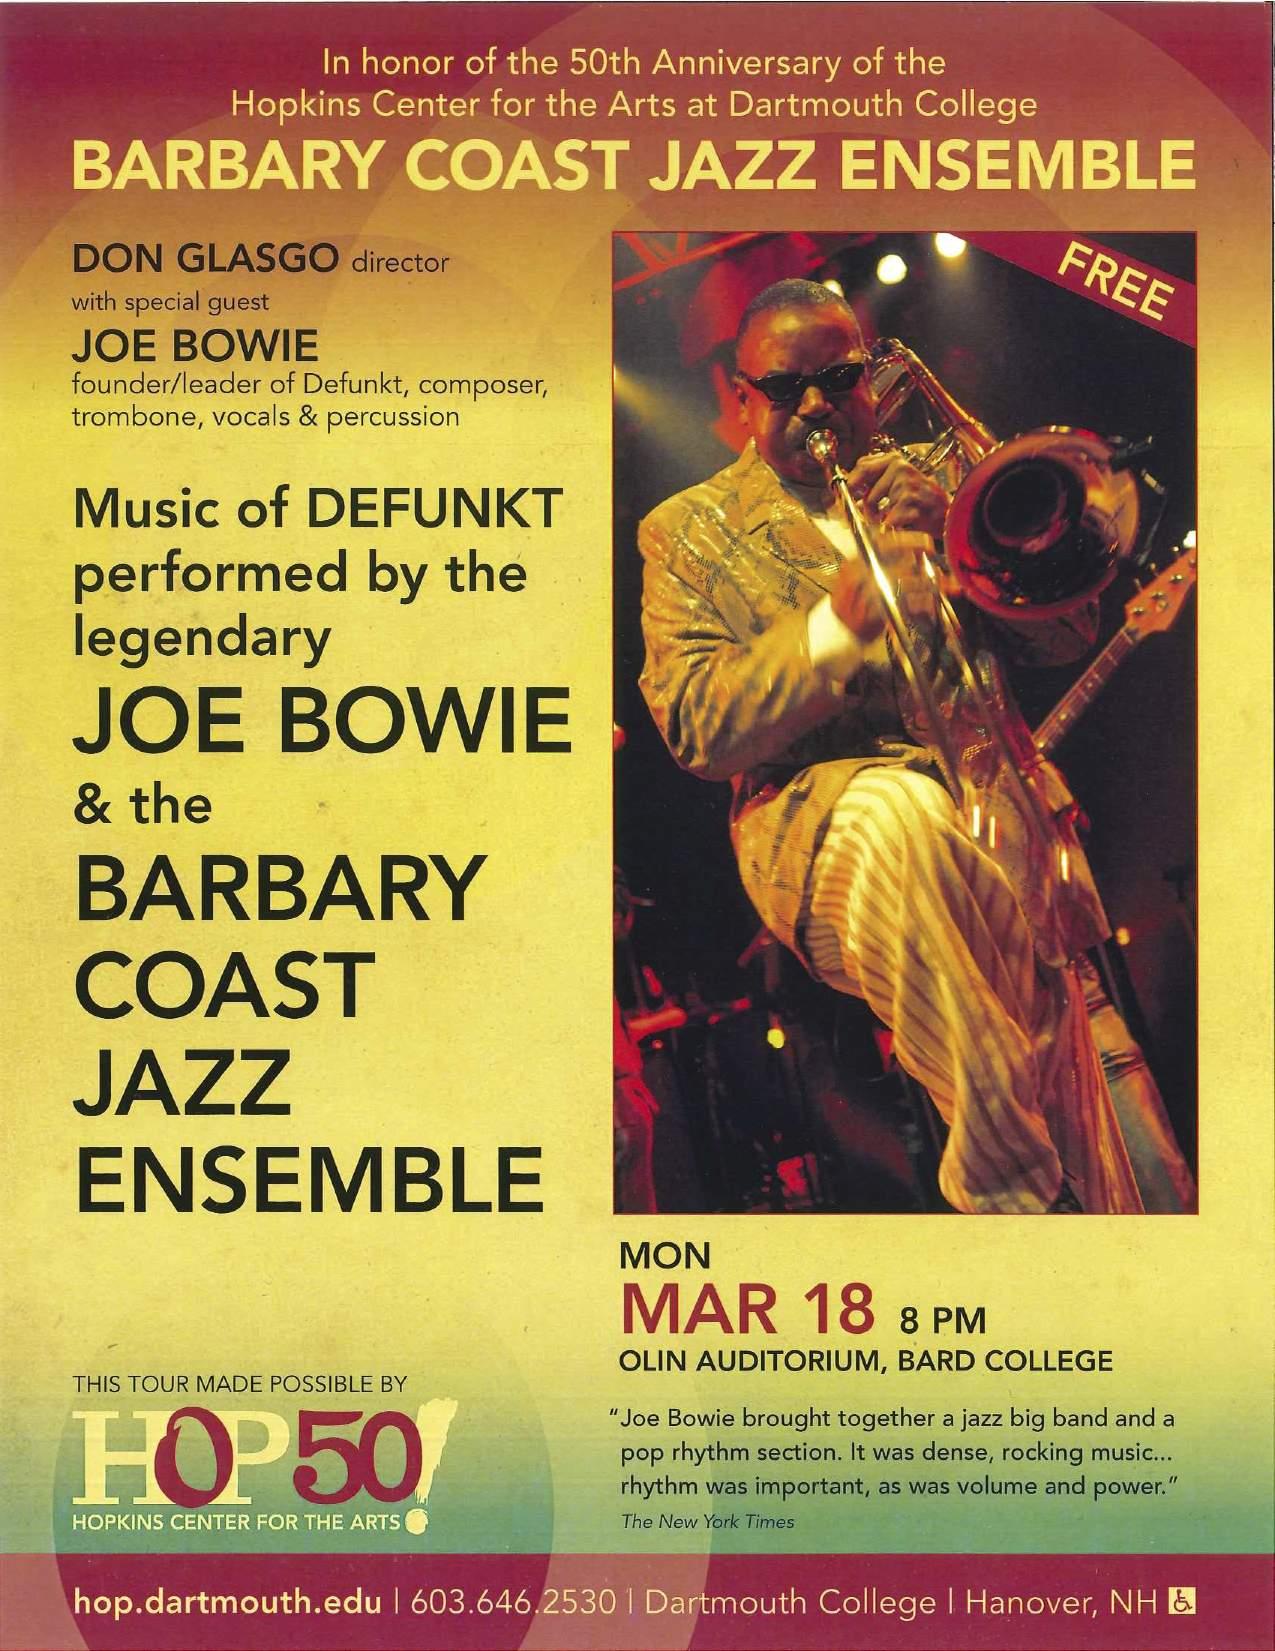 [Barbary Coast Jazz Ensemble]